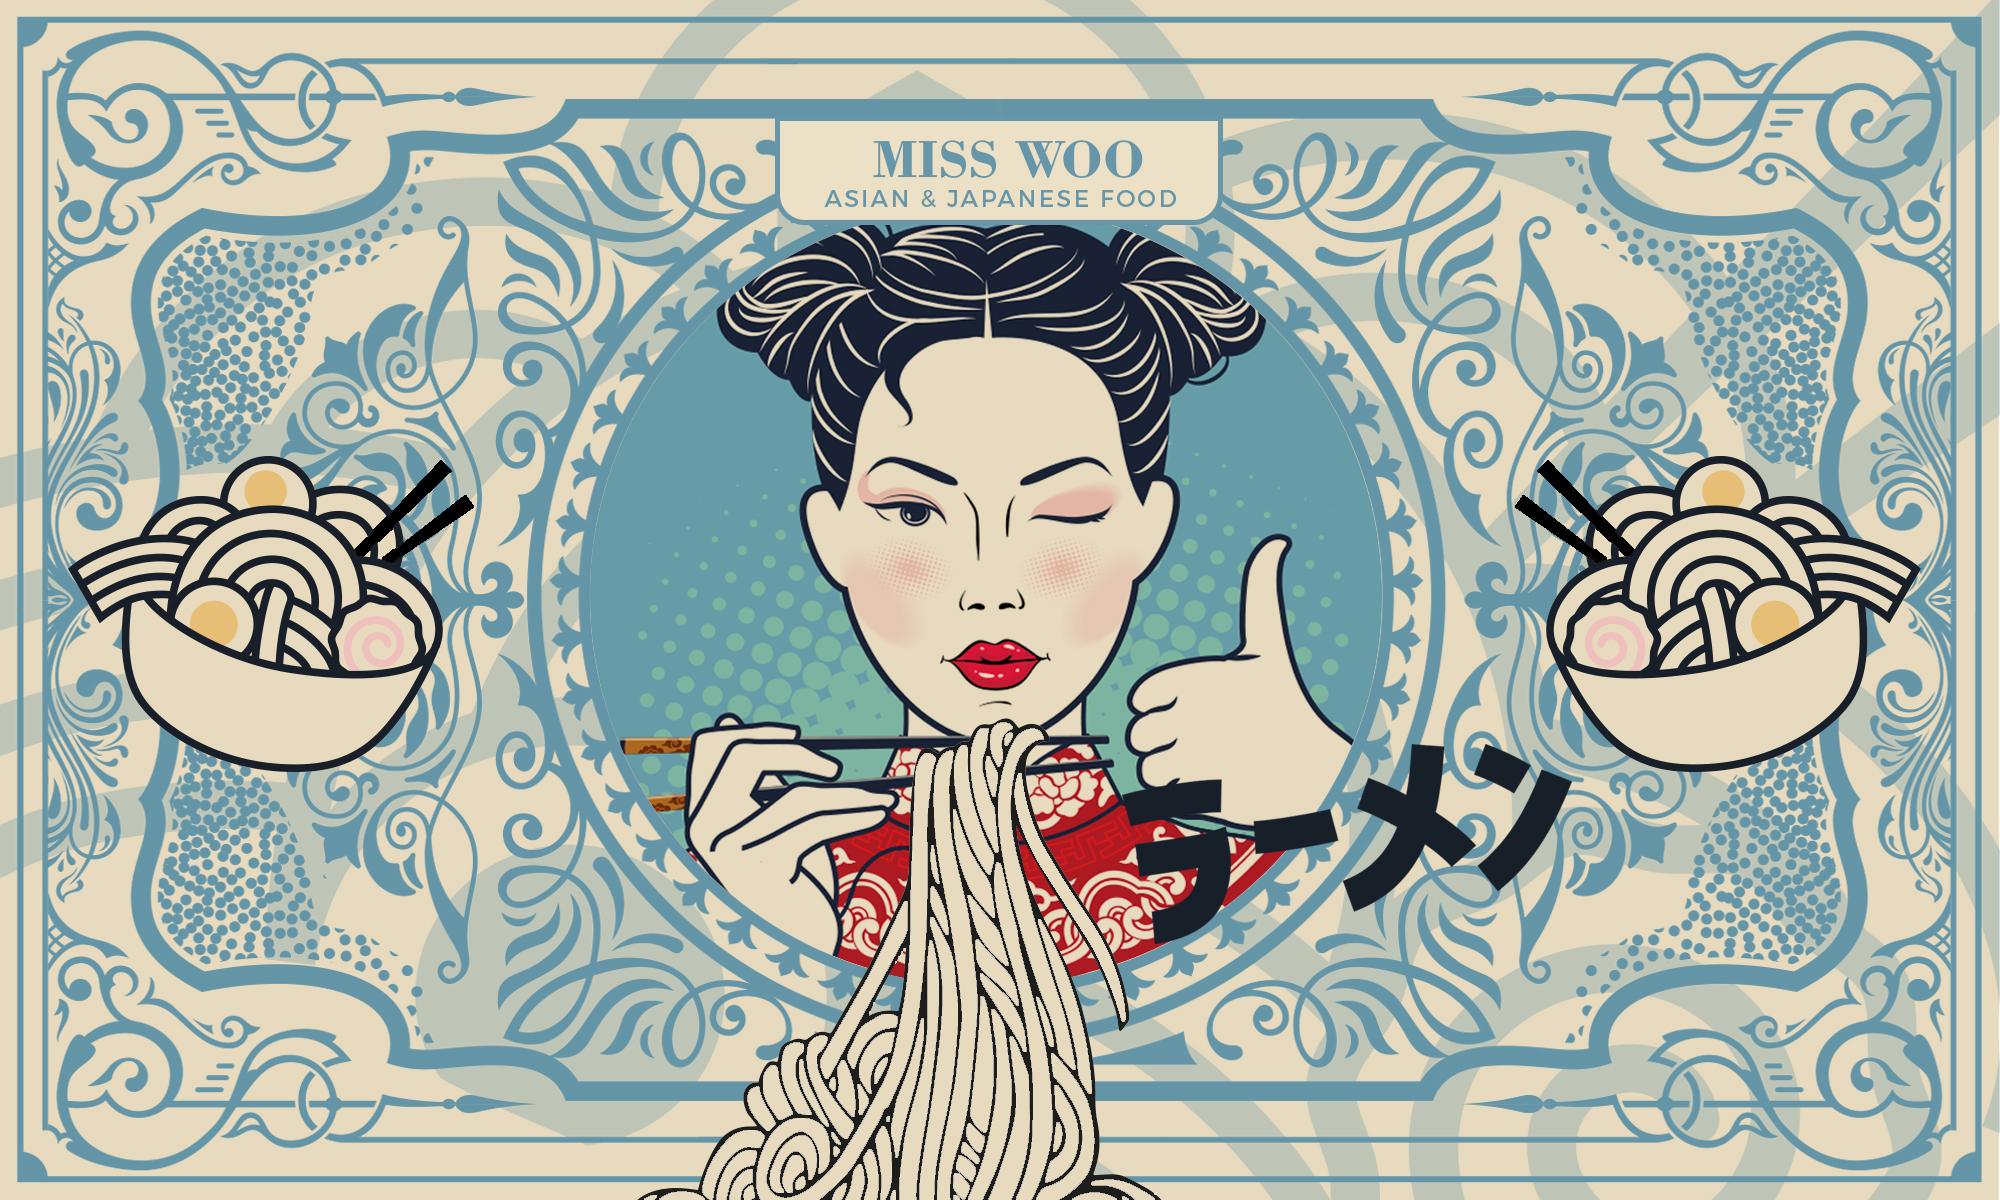 Miss Woo